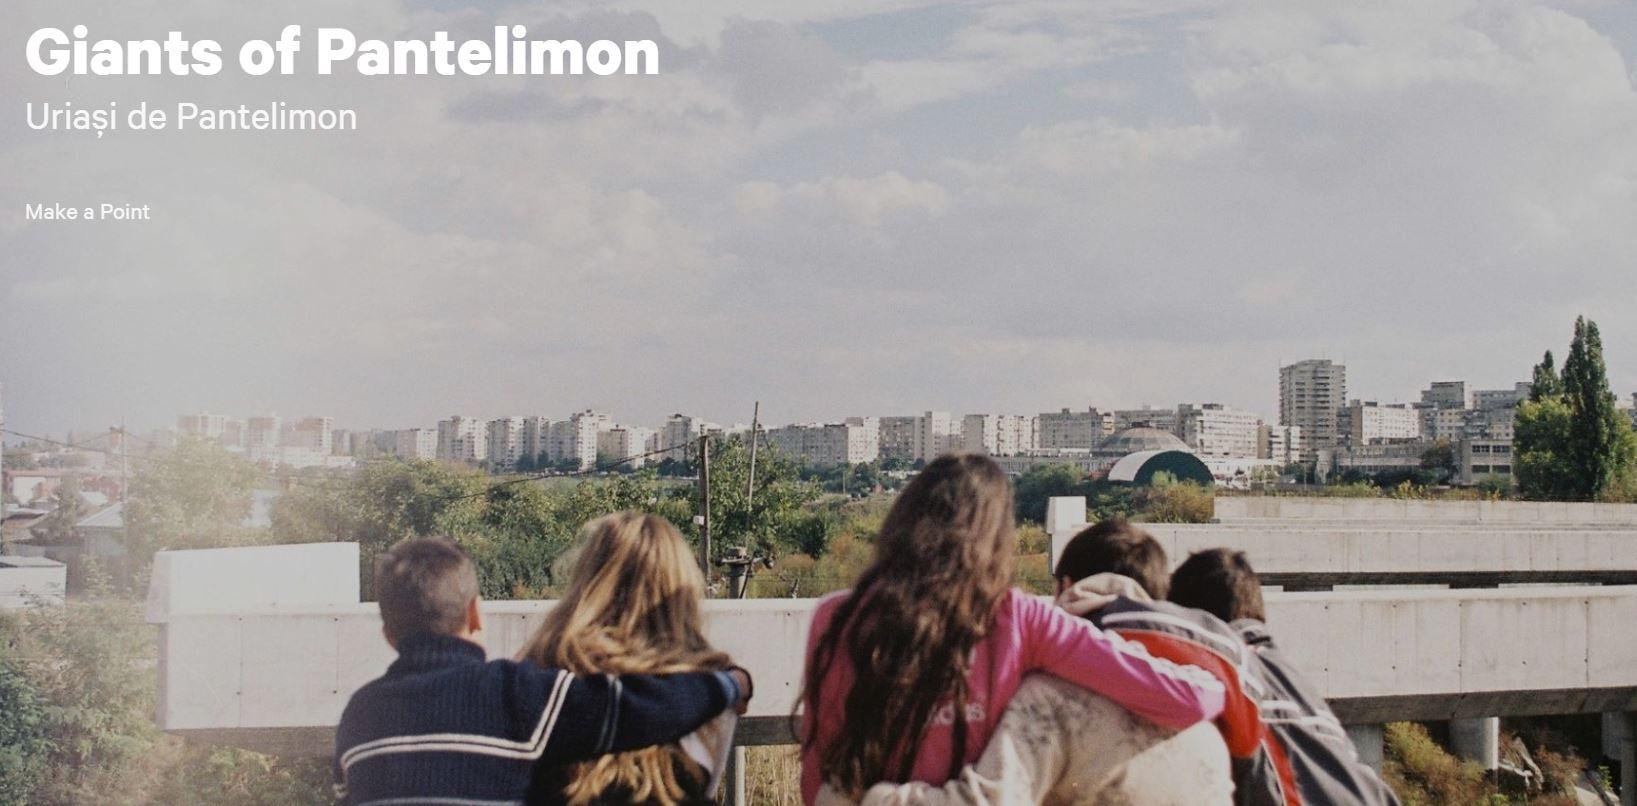 Uriașii de Pantelimon și-au ales artiștii